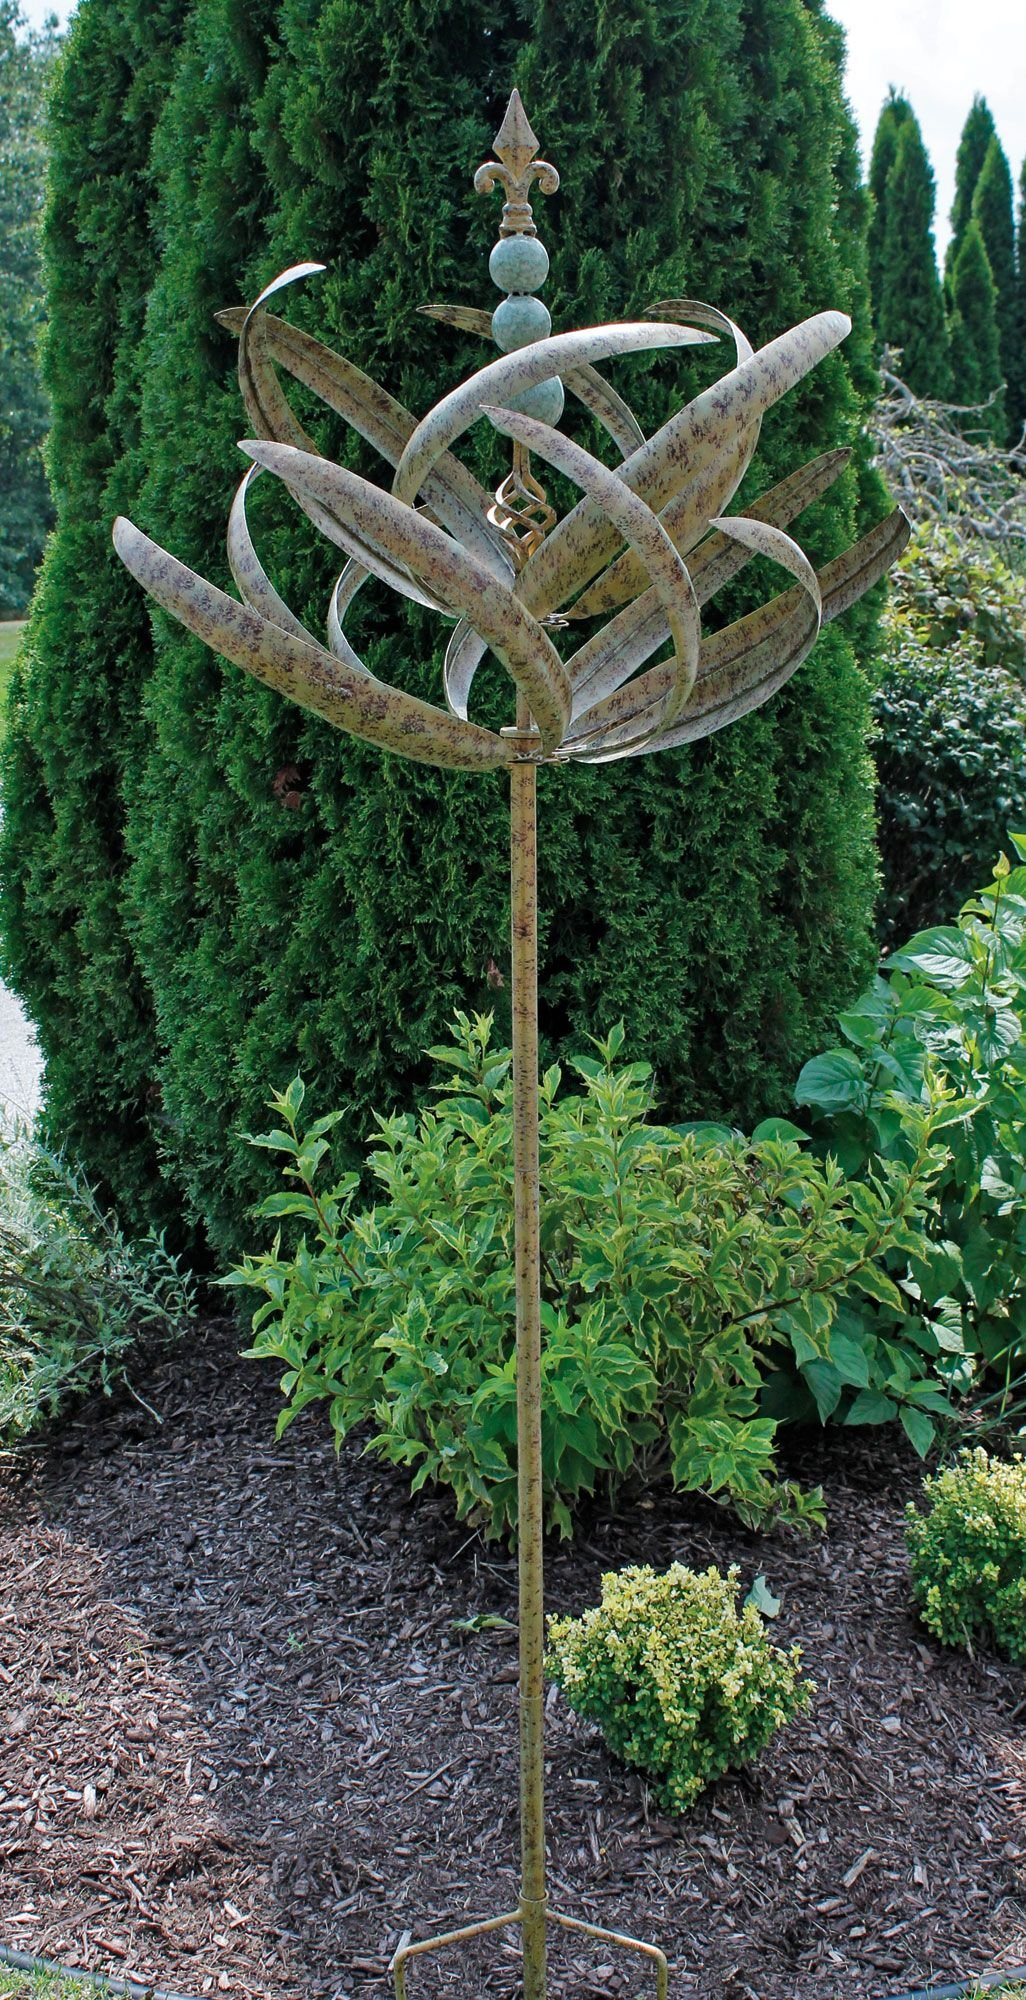 Marshall Home Harvest Green Spring Reeds Spinner